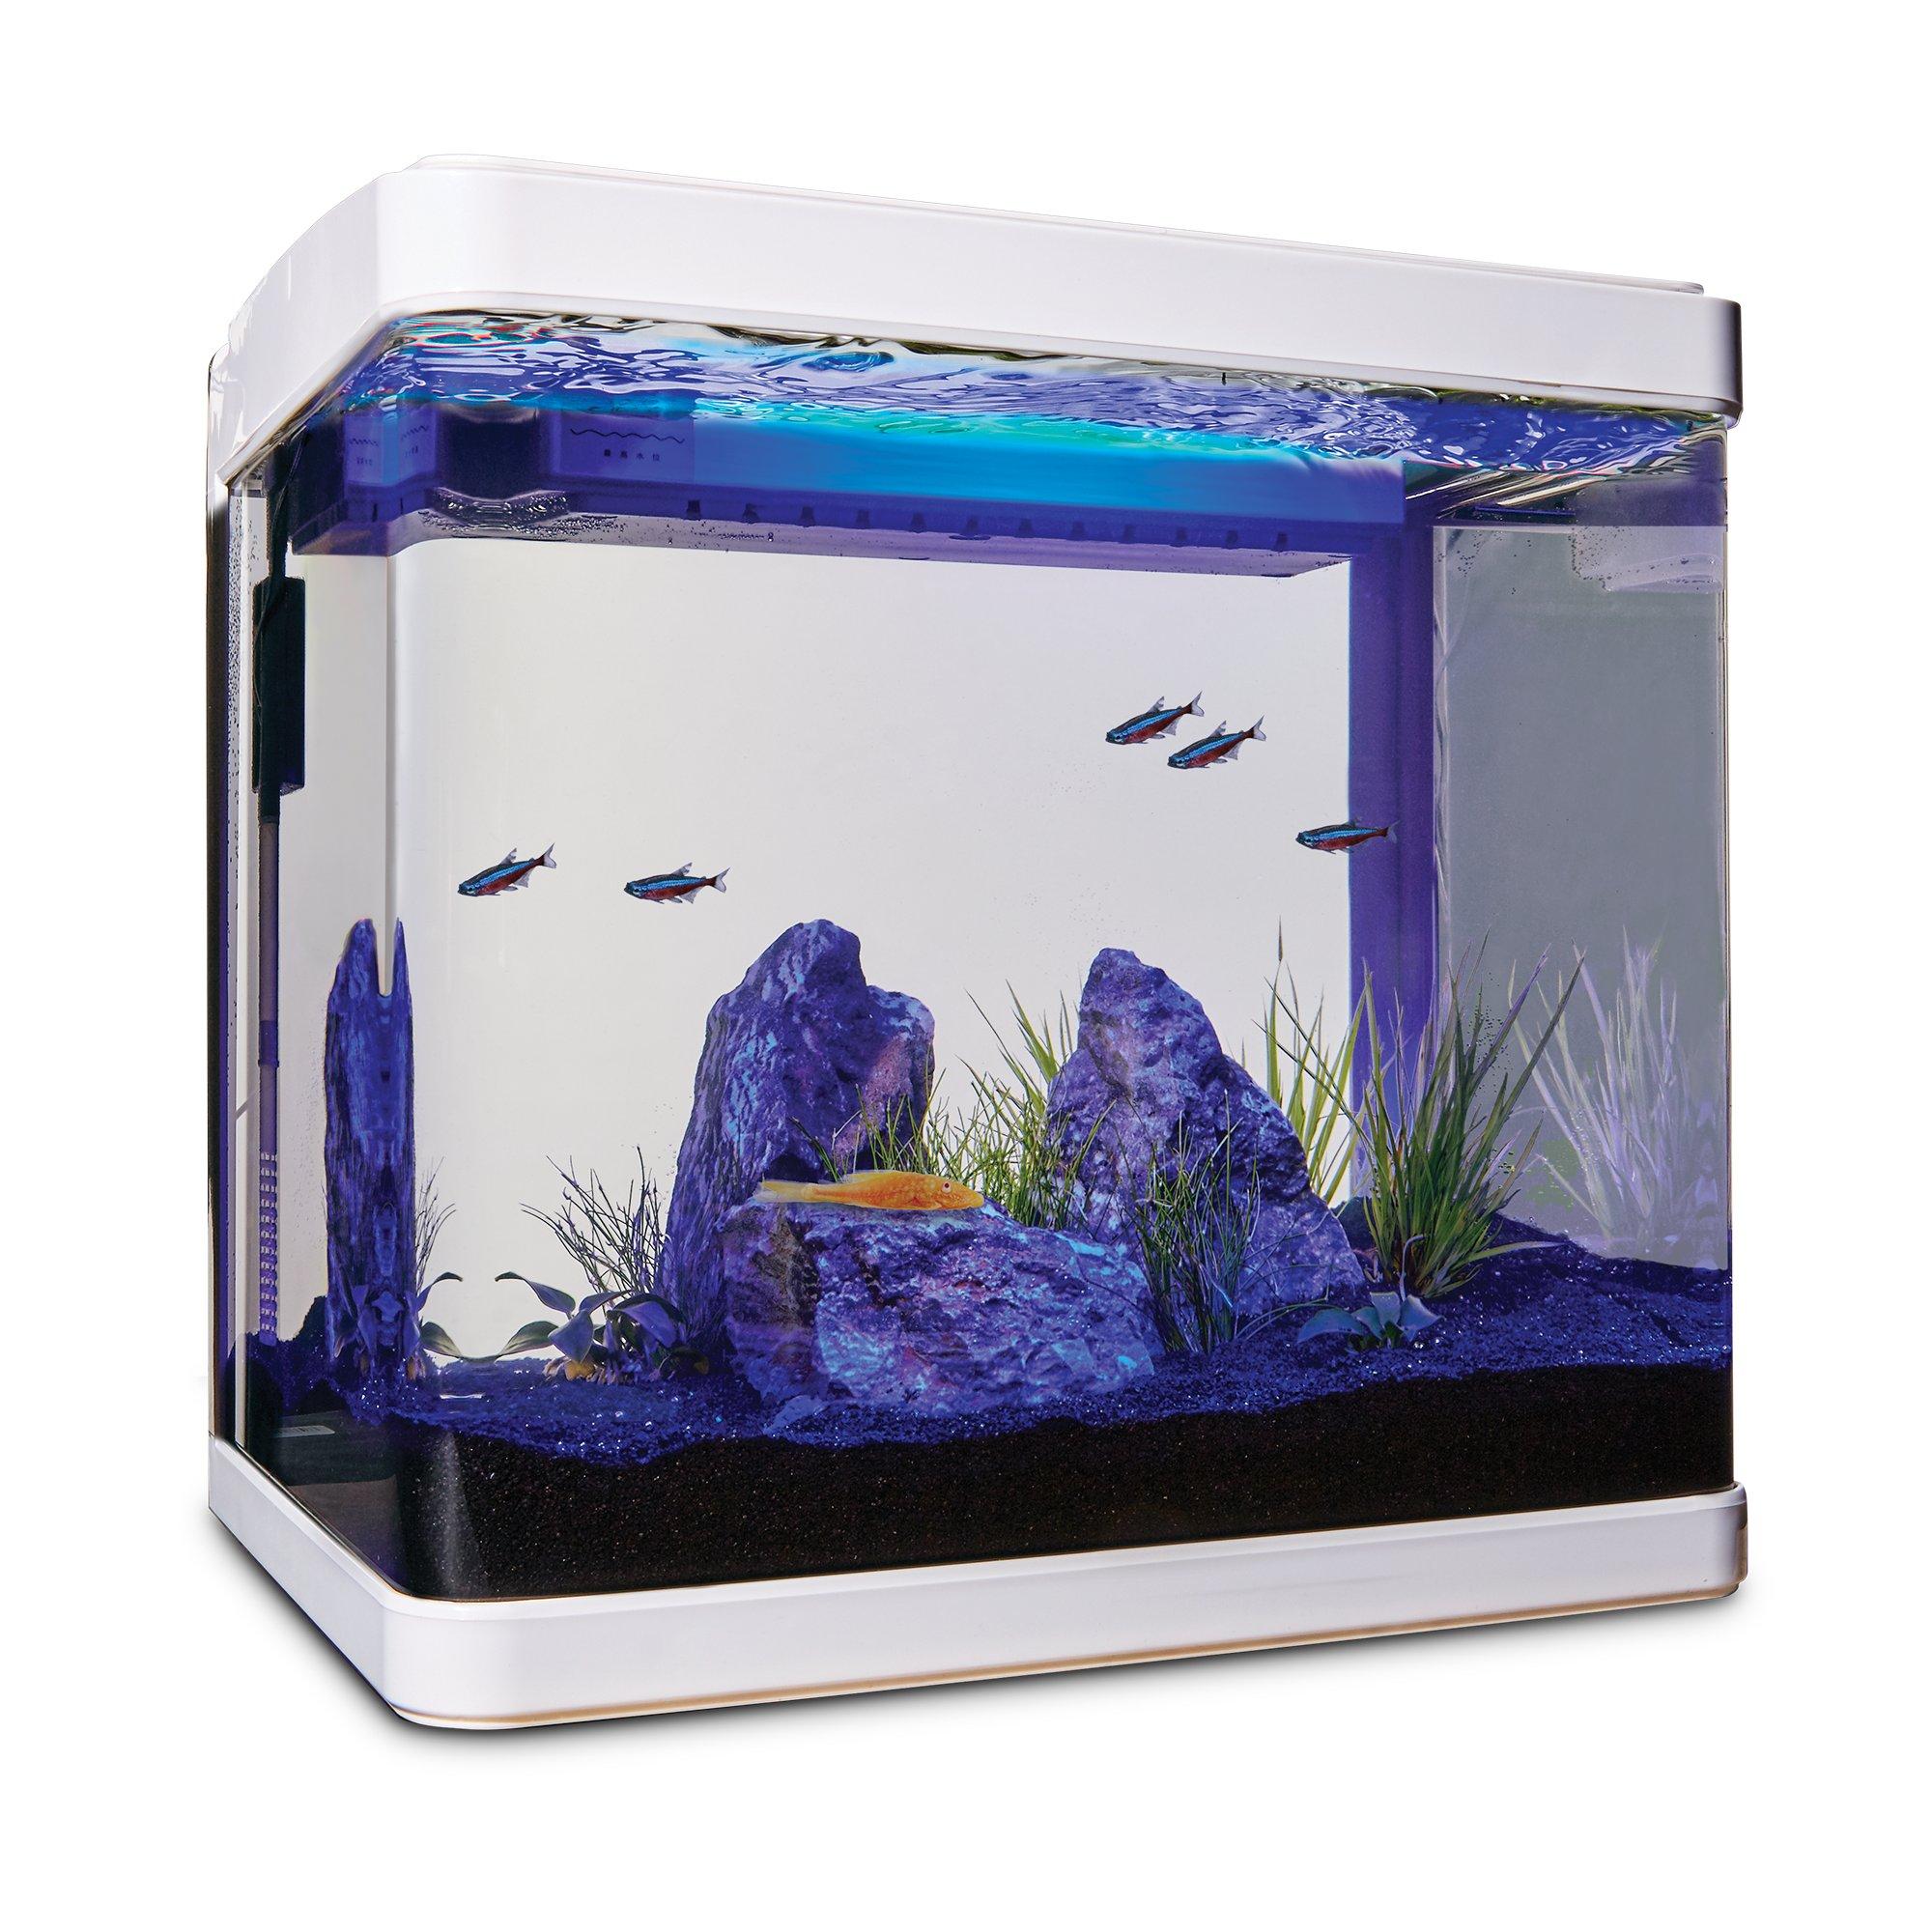 Penn Plax 5 Gallon Radius Curved Corner Glass Aquarium Kit In 2020 Aquarium Kit Aquarium Petco